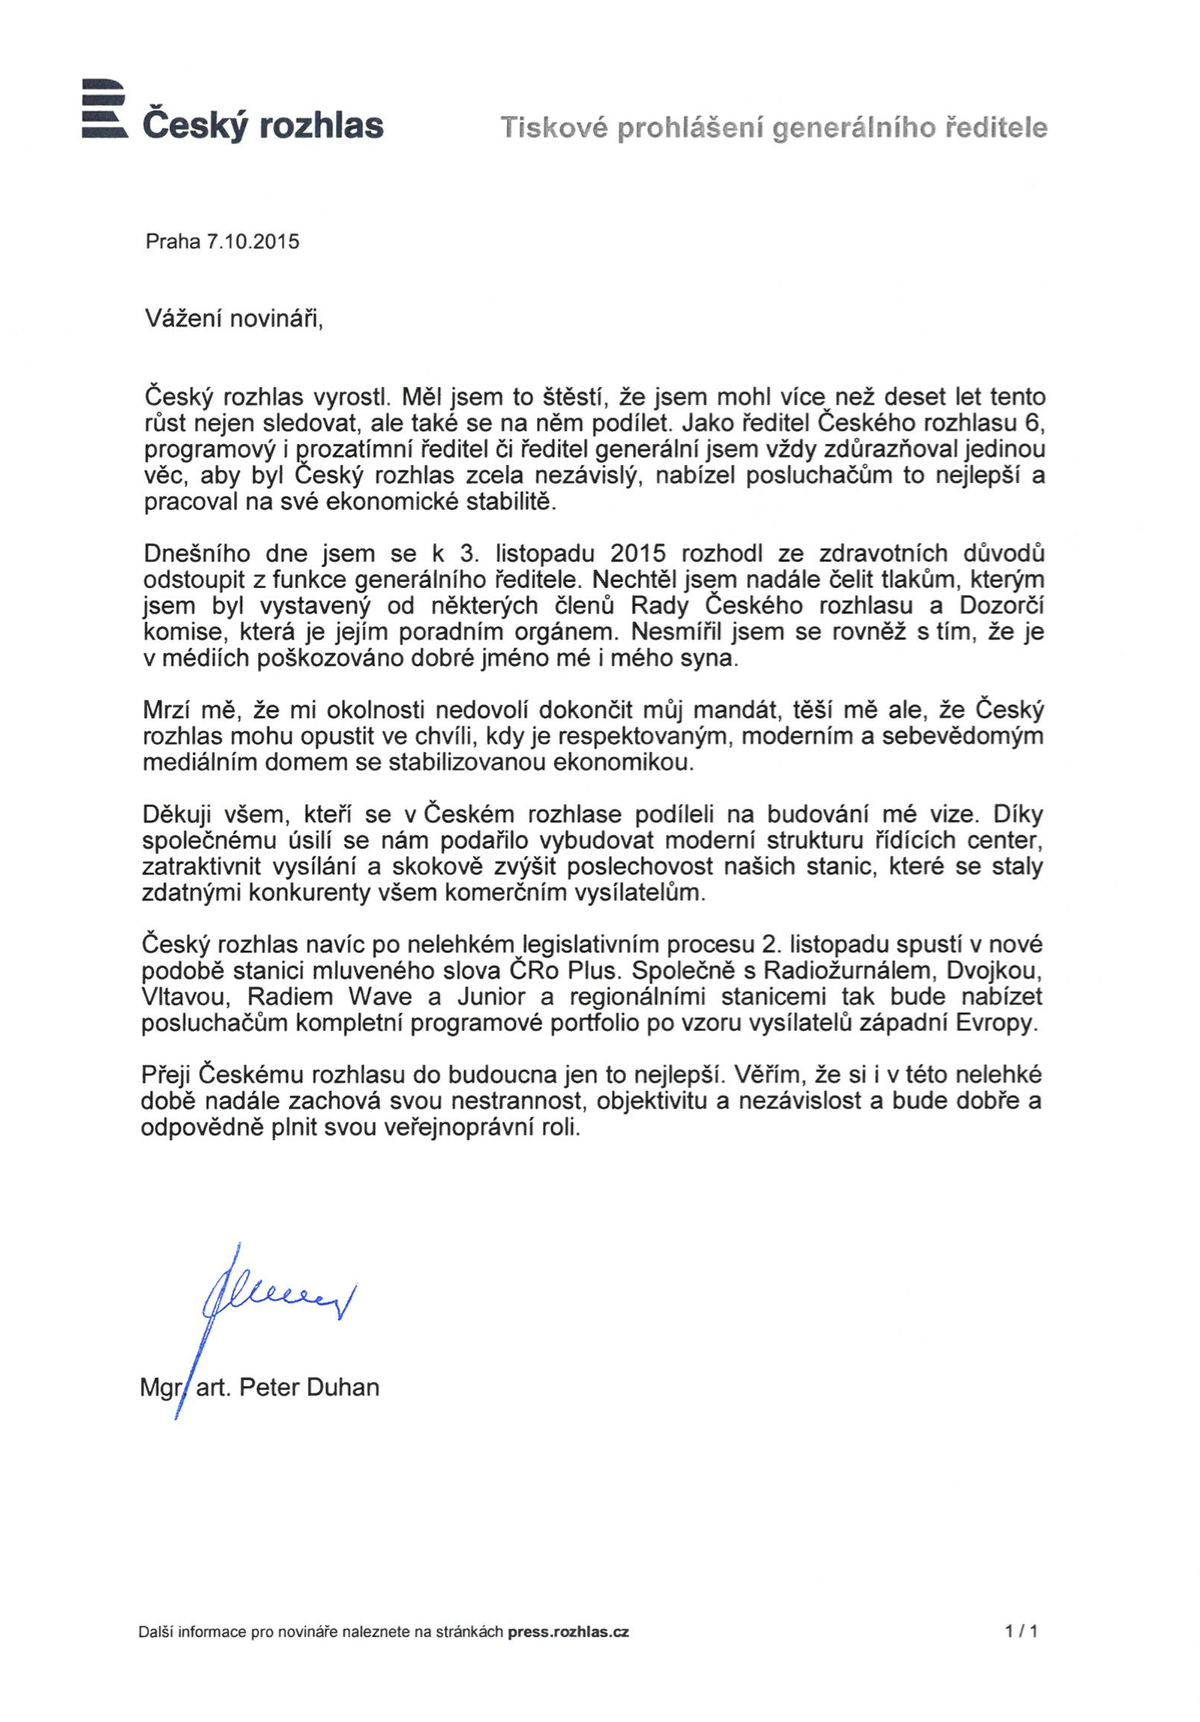 Tiskové prohlášení Petera Duhana ze 7. 10. 2015